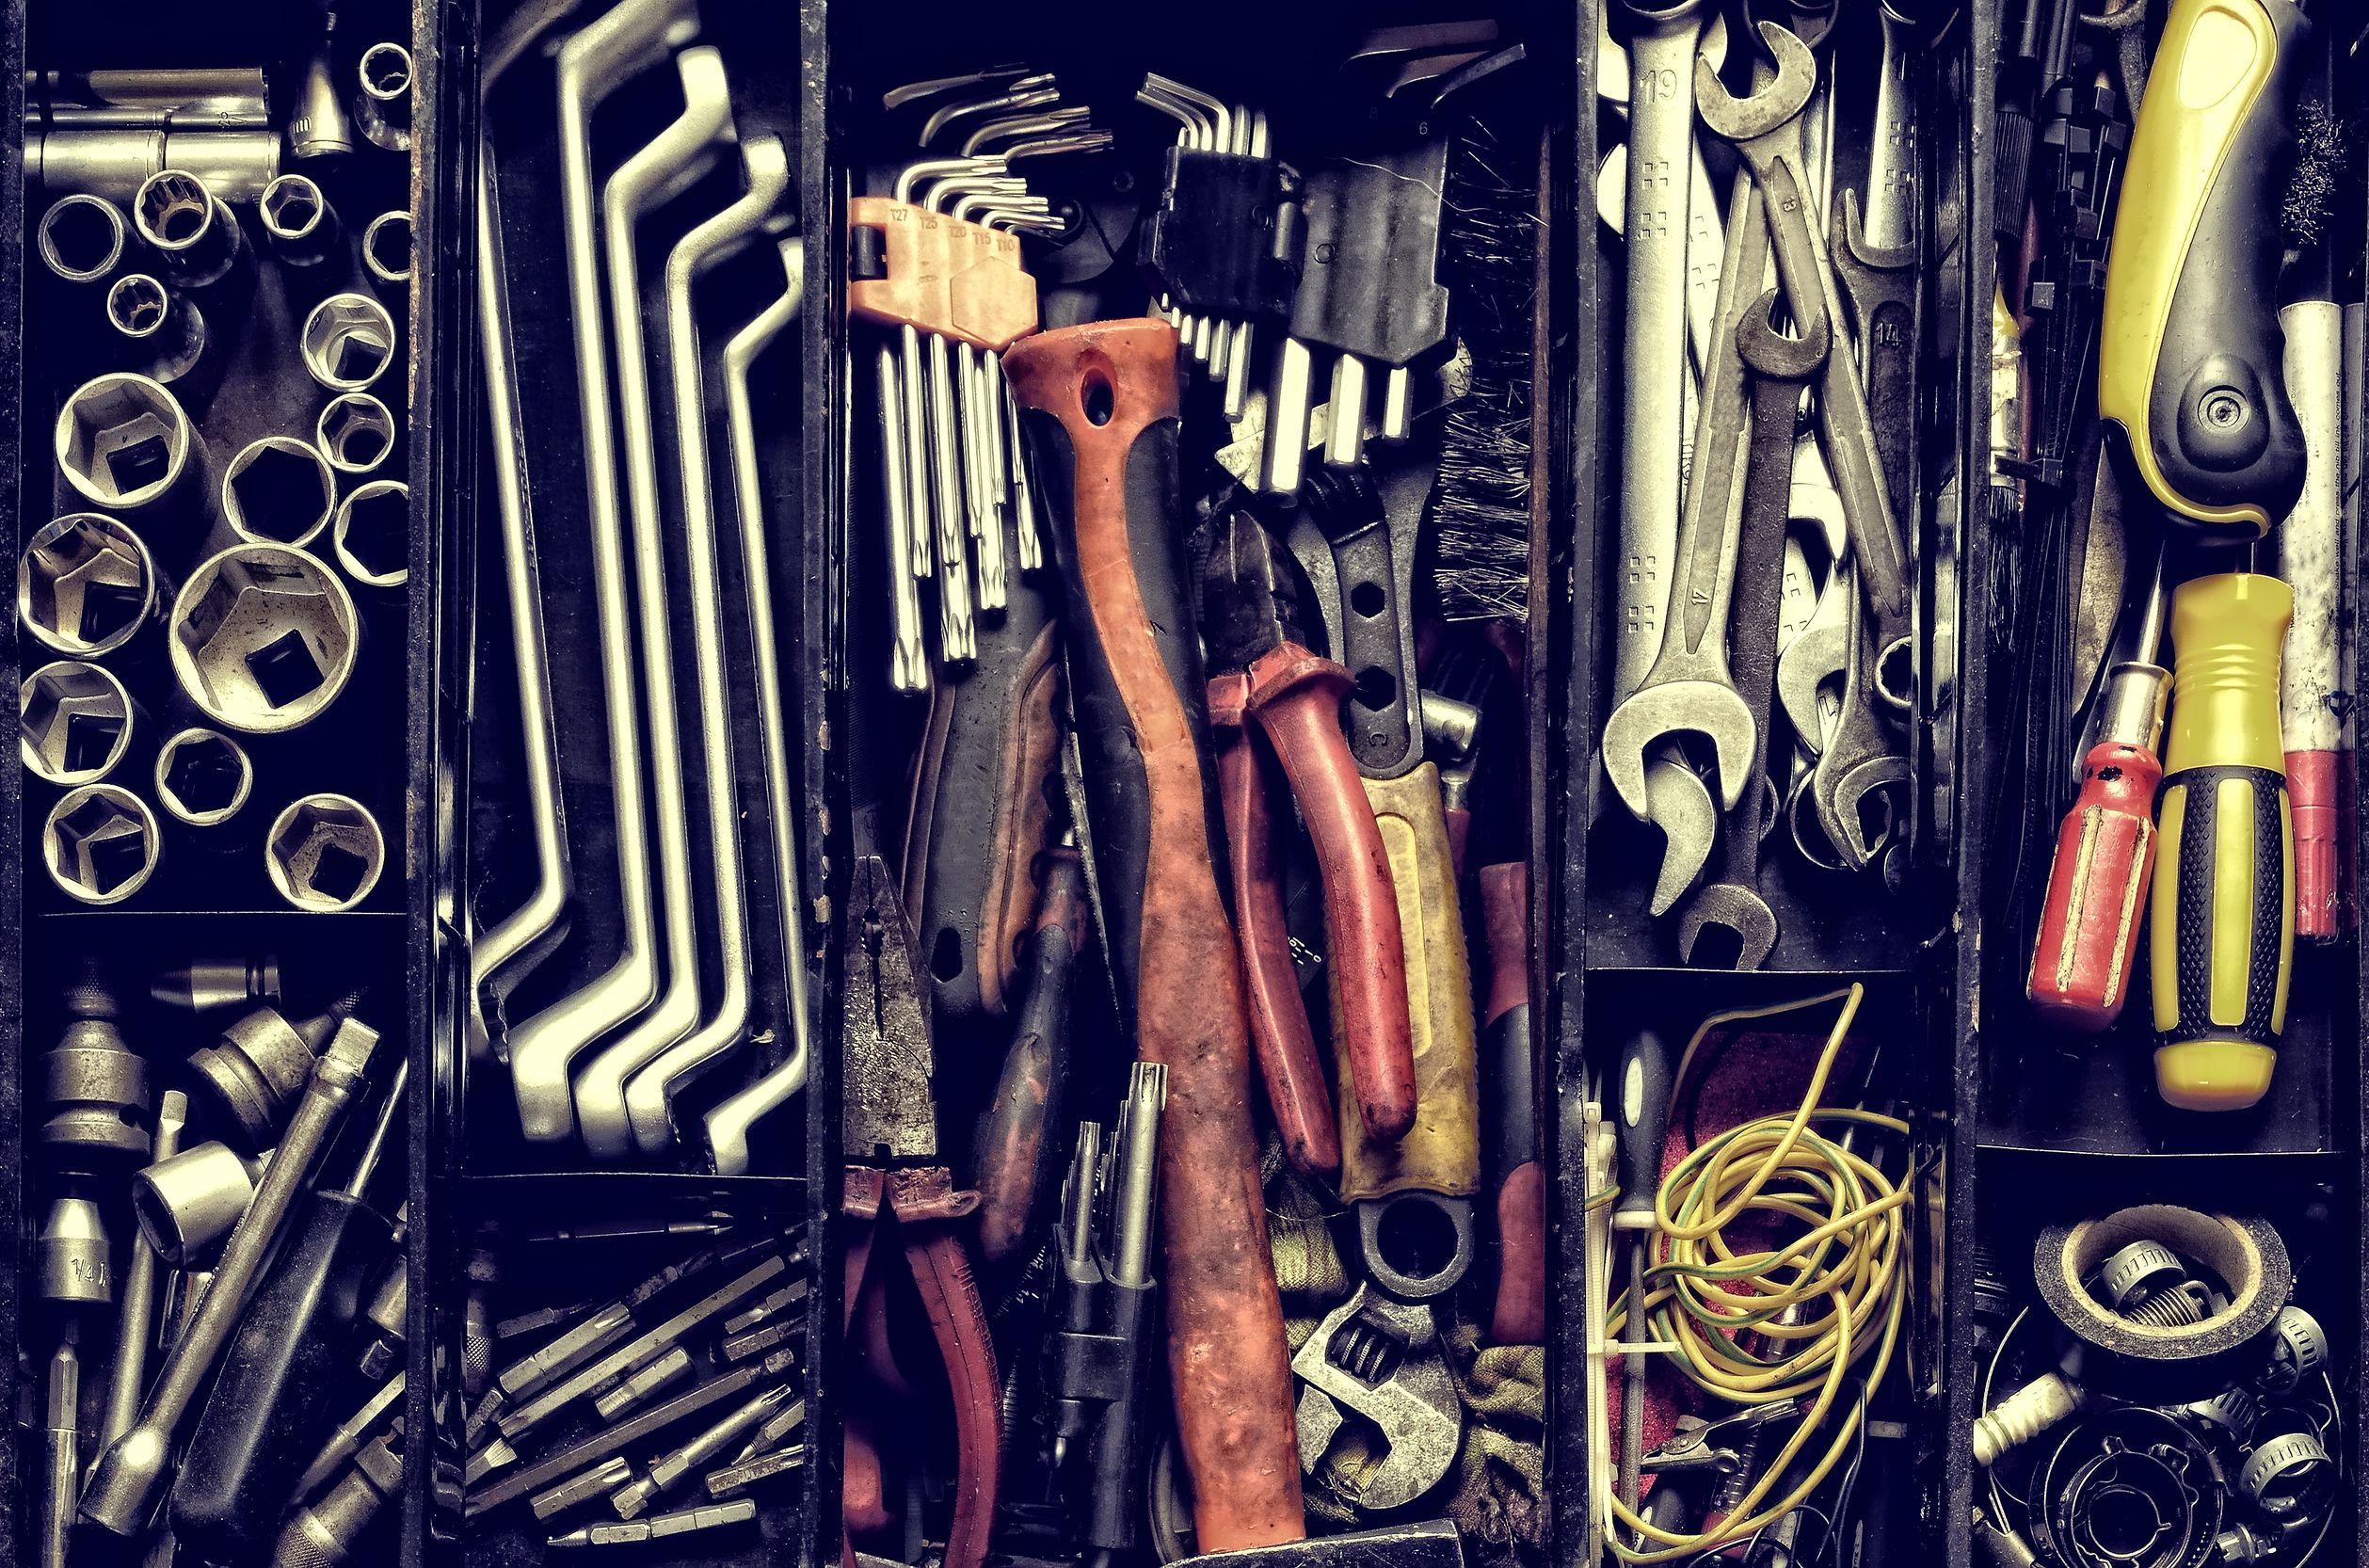 Connex Werkzeug: Test & Empfehlungen (05/20)